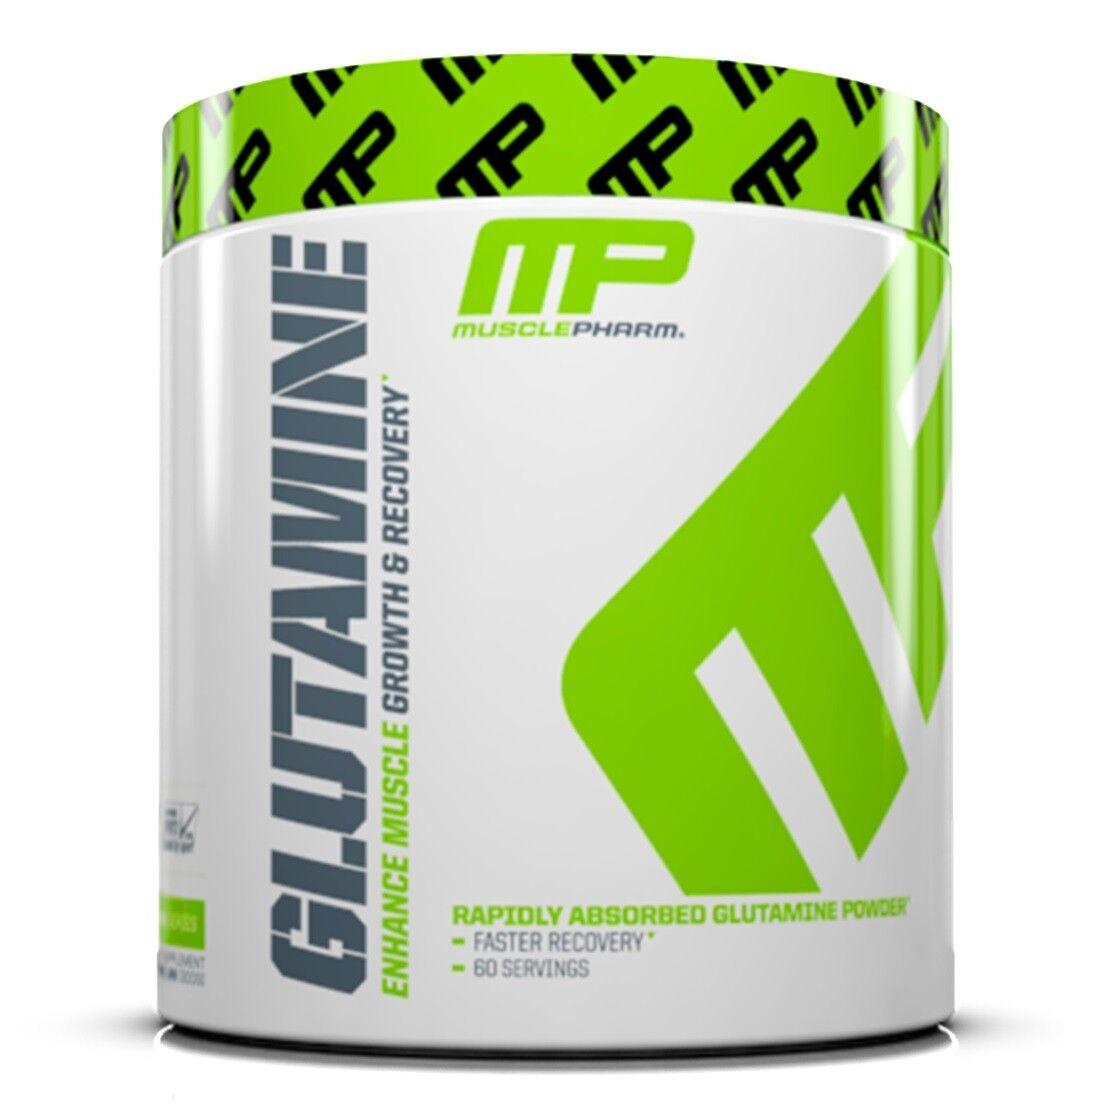 Muscle Pharm Glutamine 60 servings